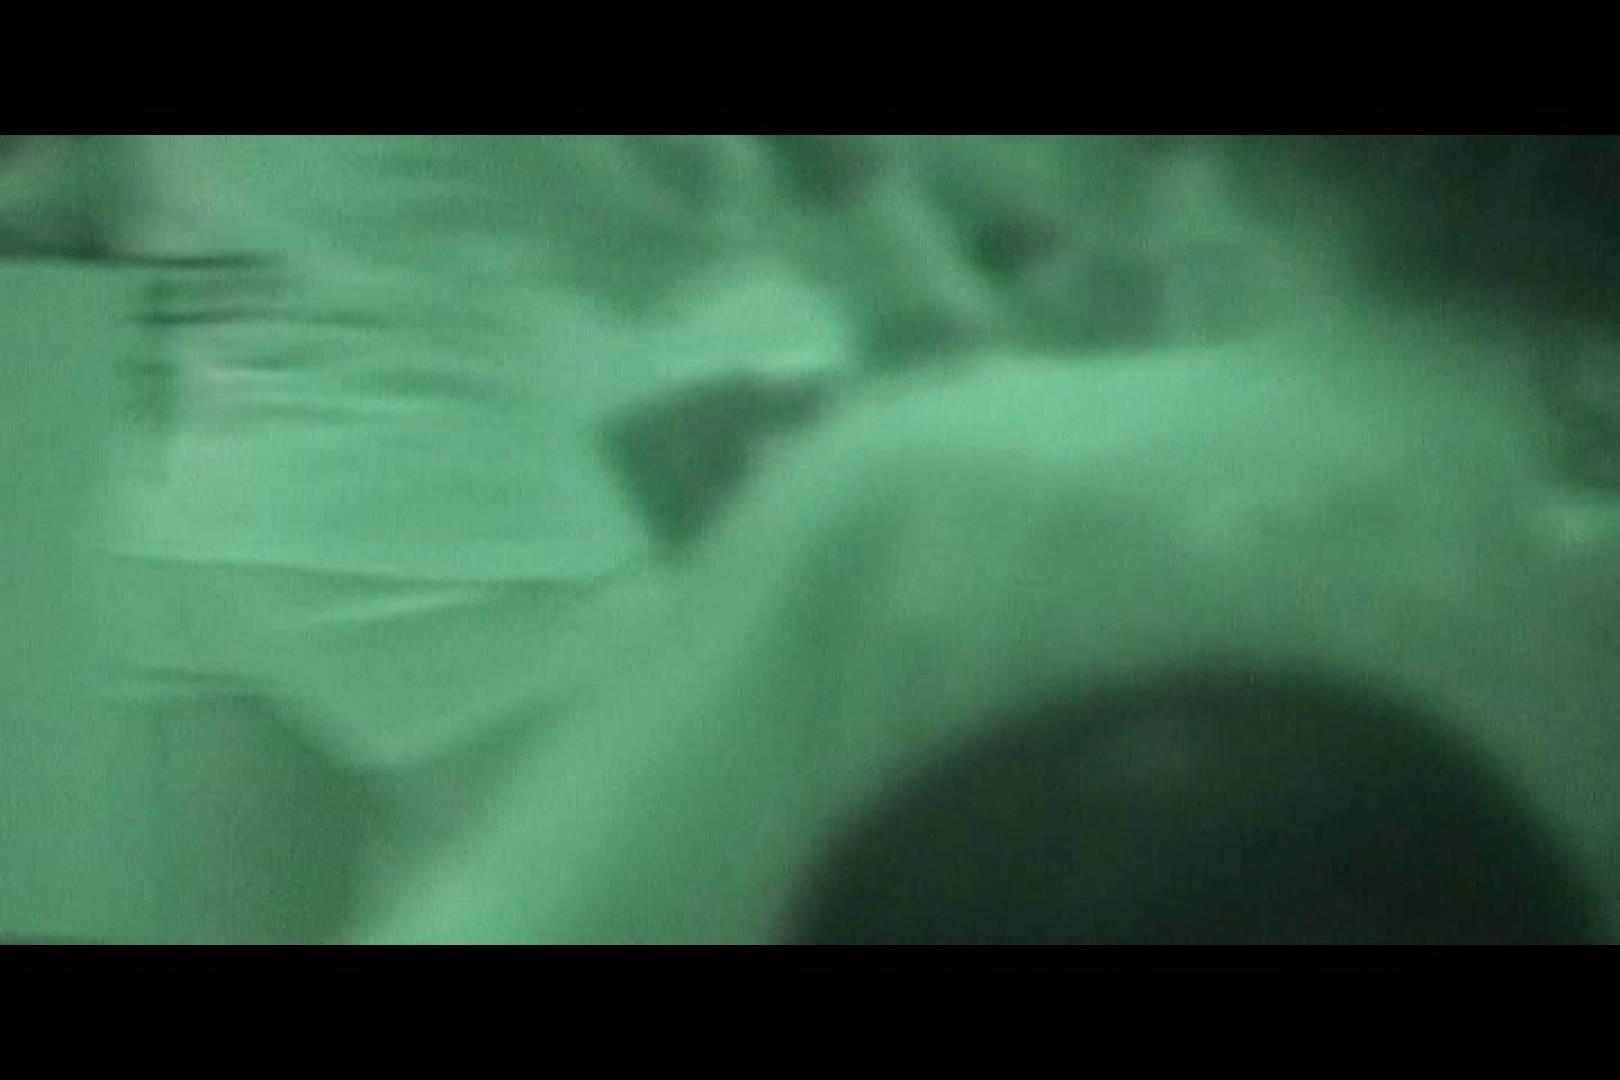 赤外線ムレスケバレー(汗) vol.06 OLエロ画像  34PICs 33